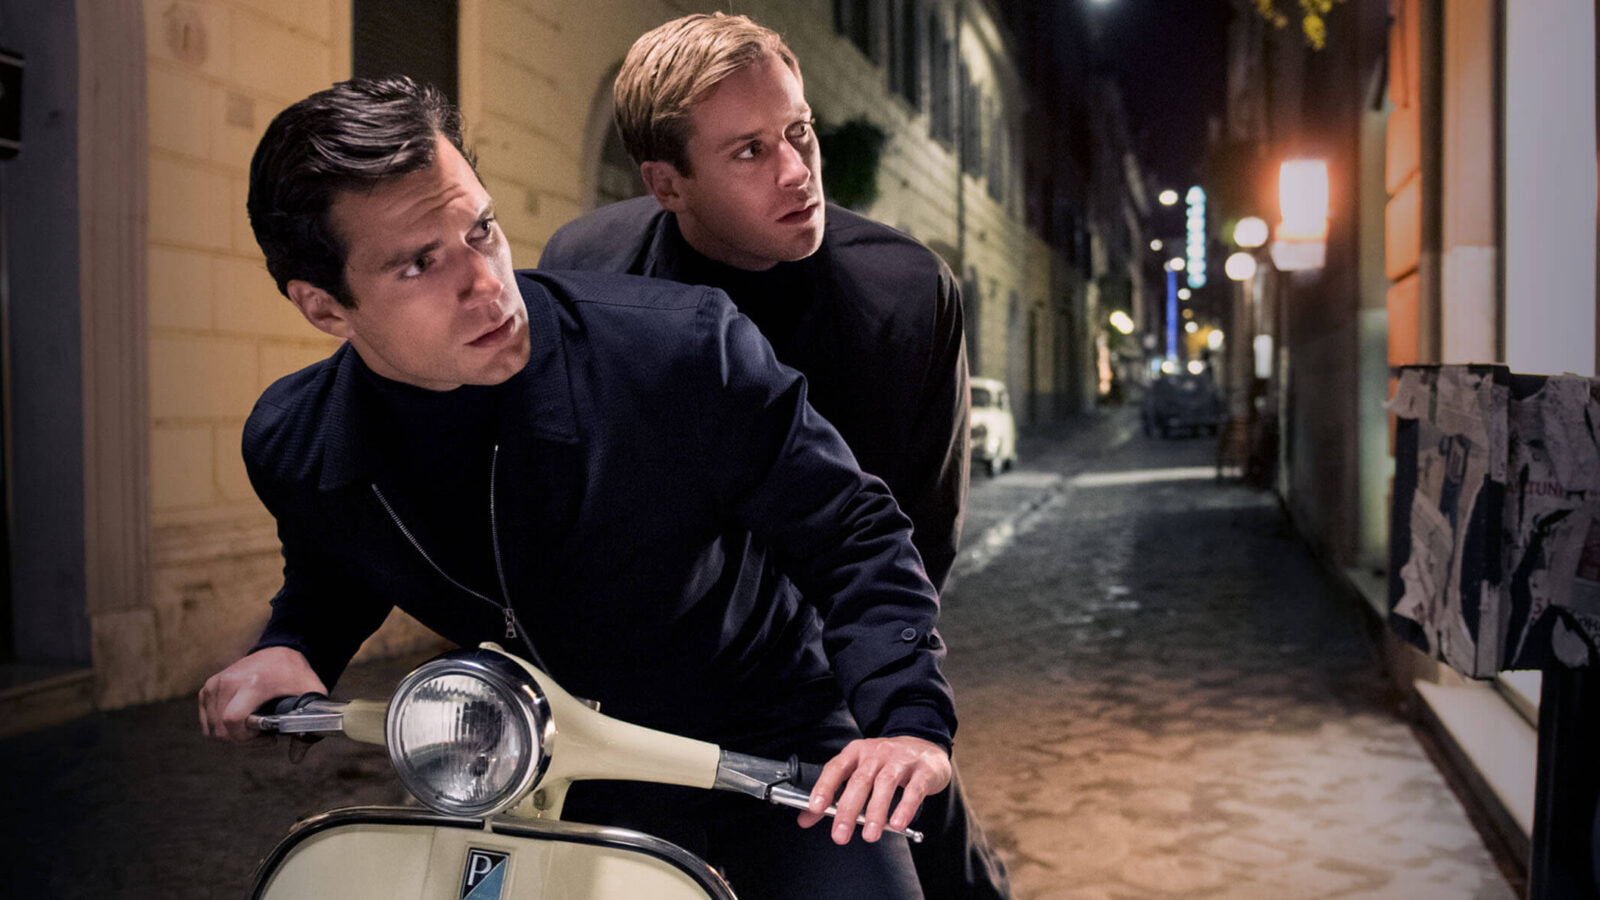 46 filmes que tens de ver pelo menos uma vez na vida | O Melhor do Dia Chega à Noite